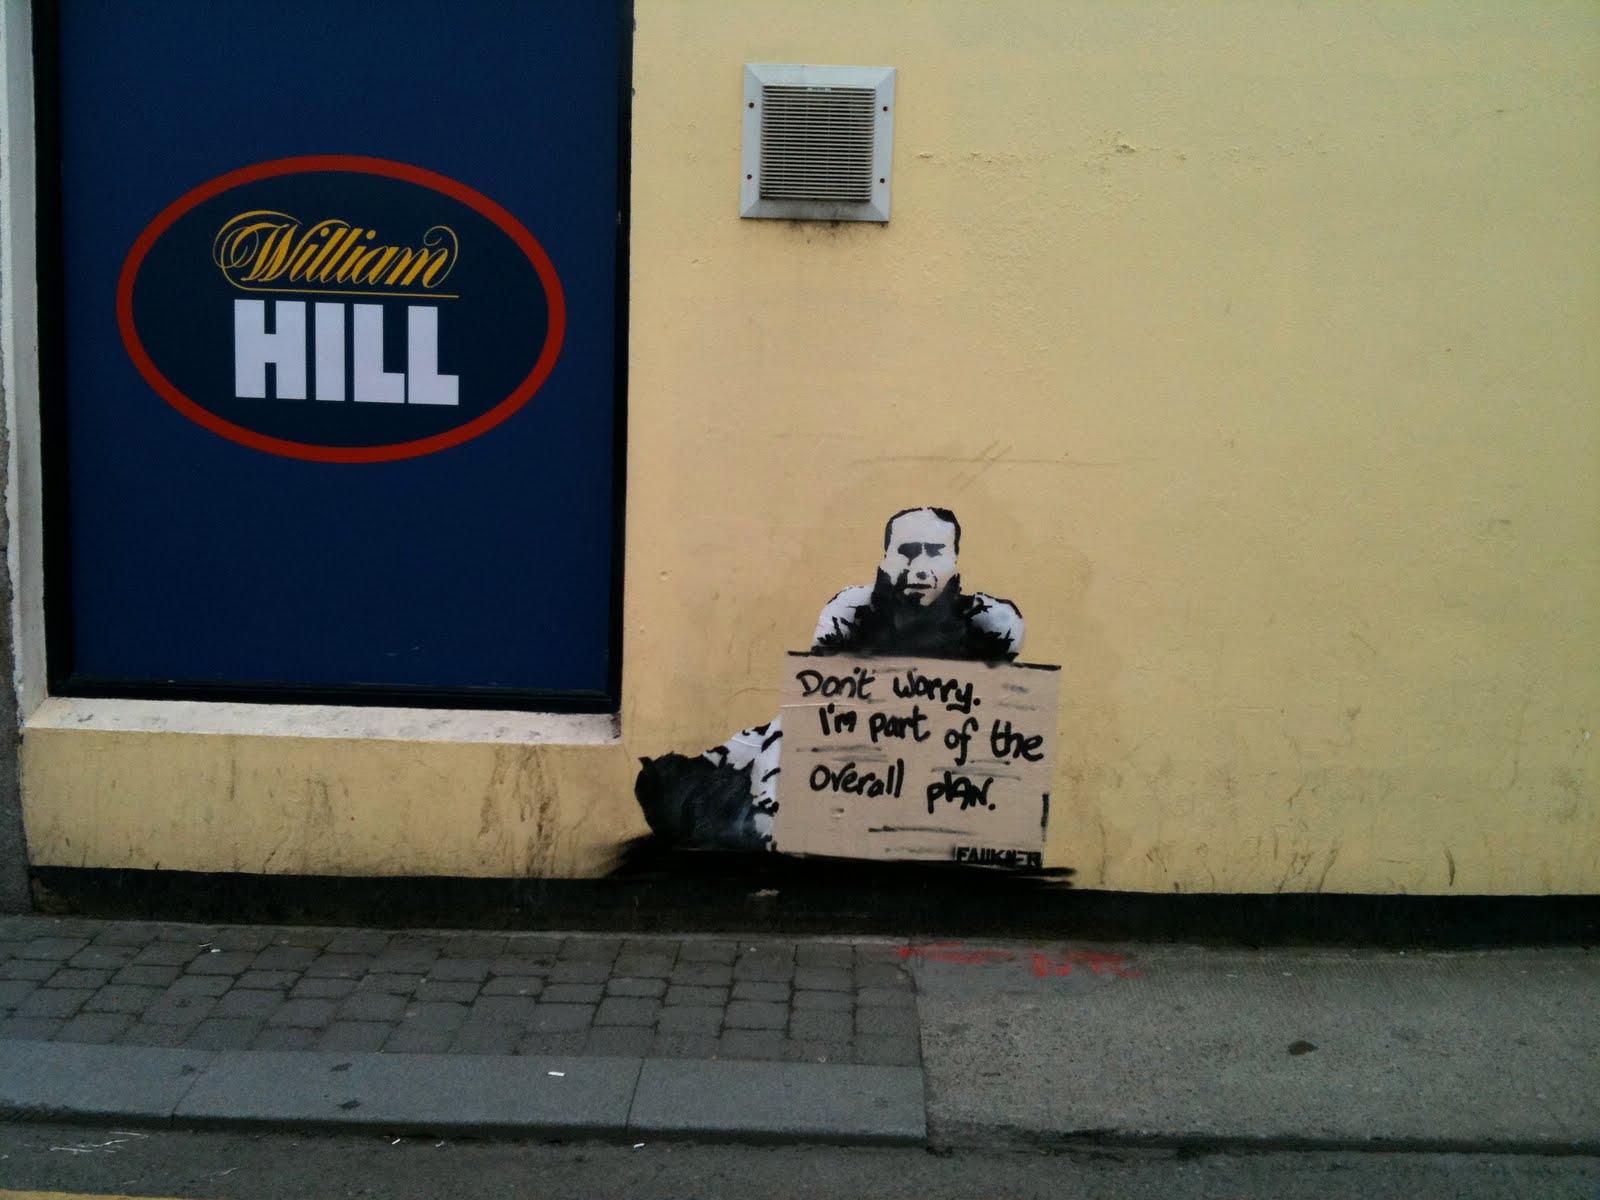 banksy graffiti quotes - HD1600×1200